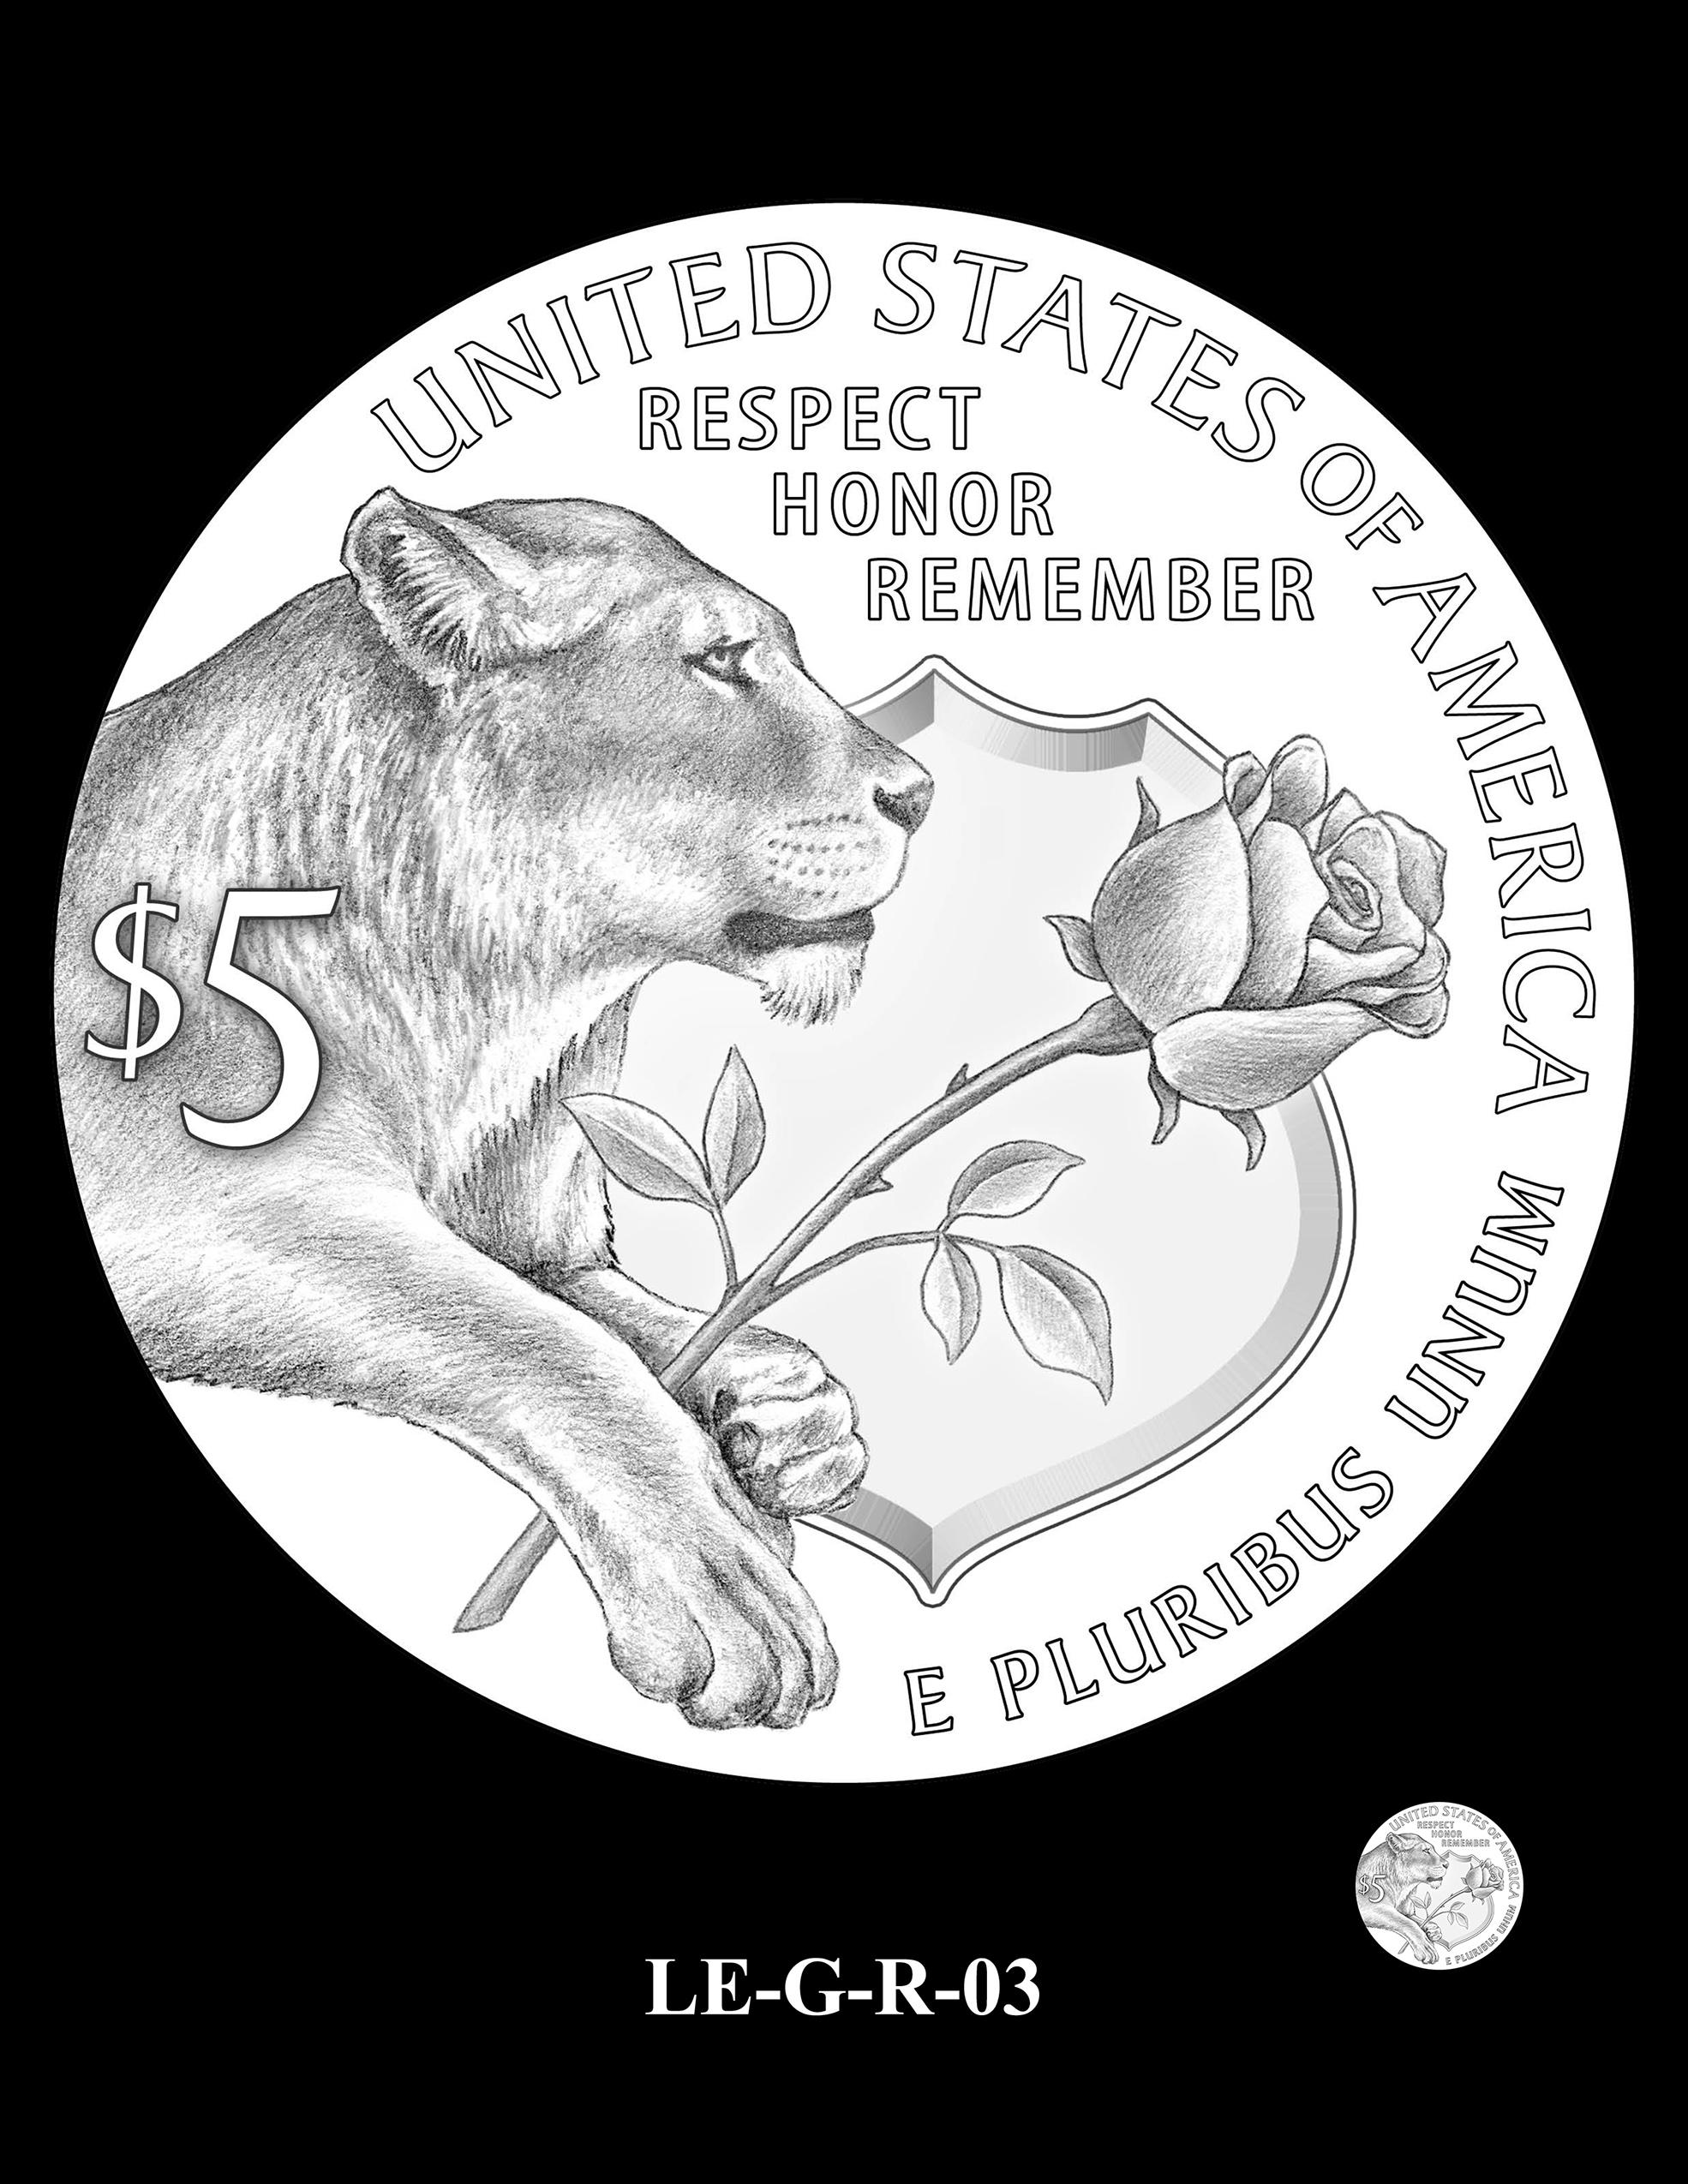 LE-G-R-03 -- National Law Enforcement Museum Commemorative Coin Program